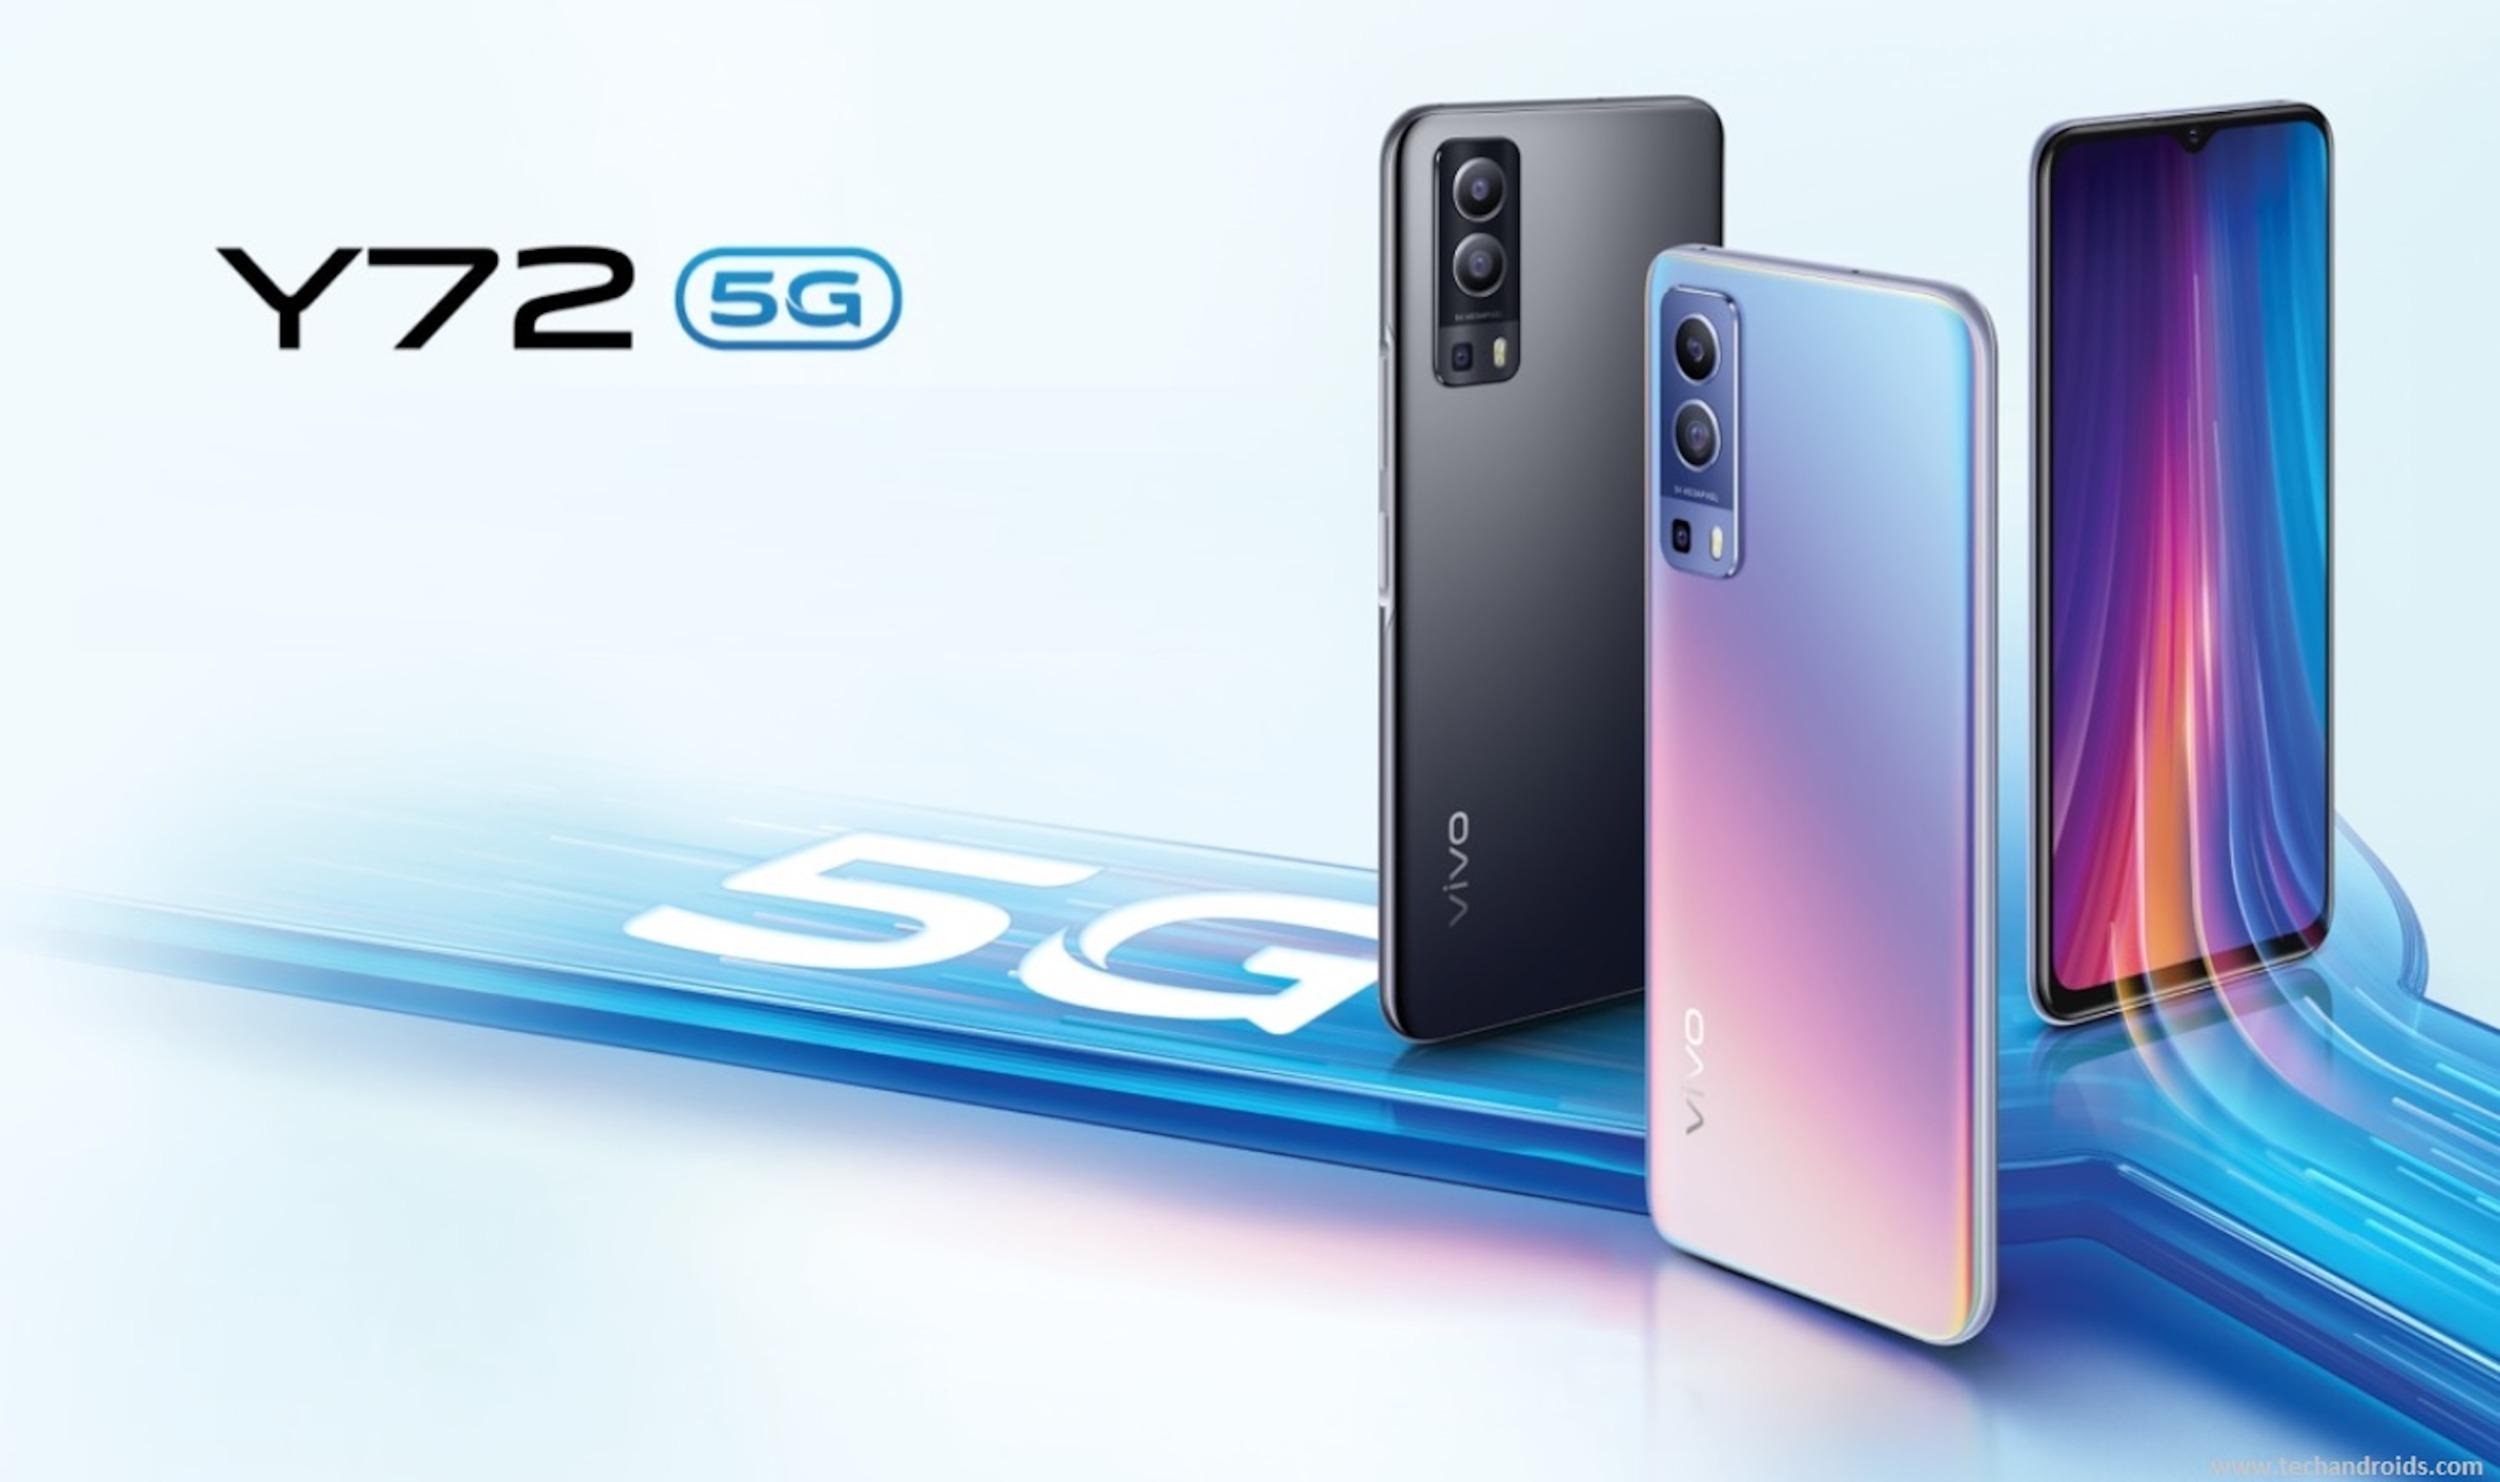 Vivo Y72 směruje mezi 5G smetánku